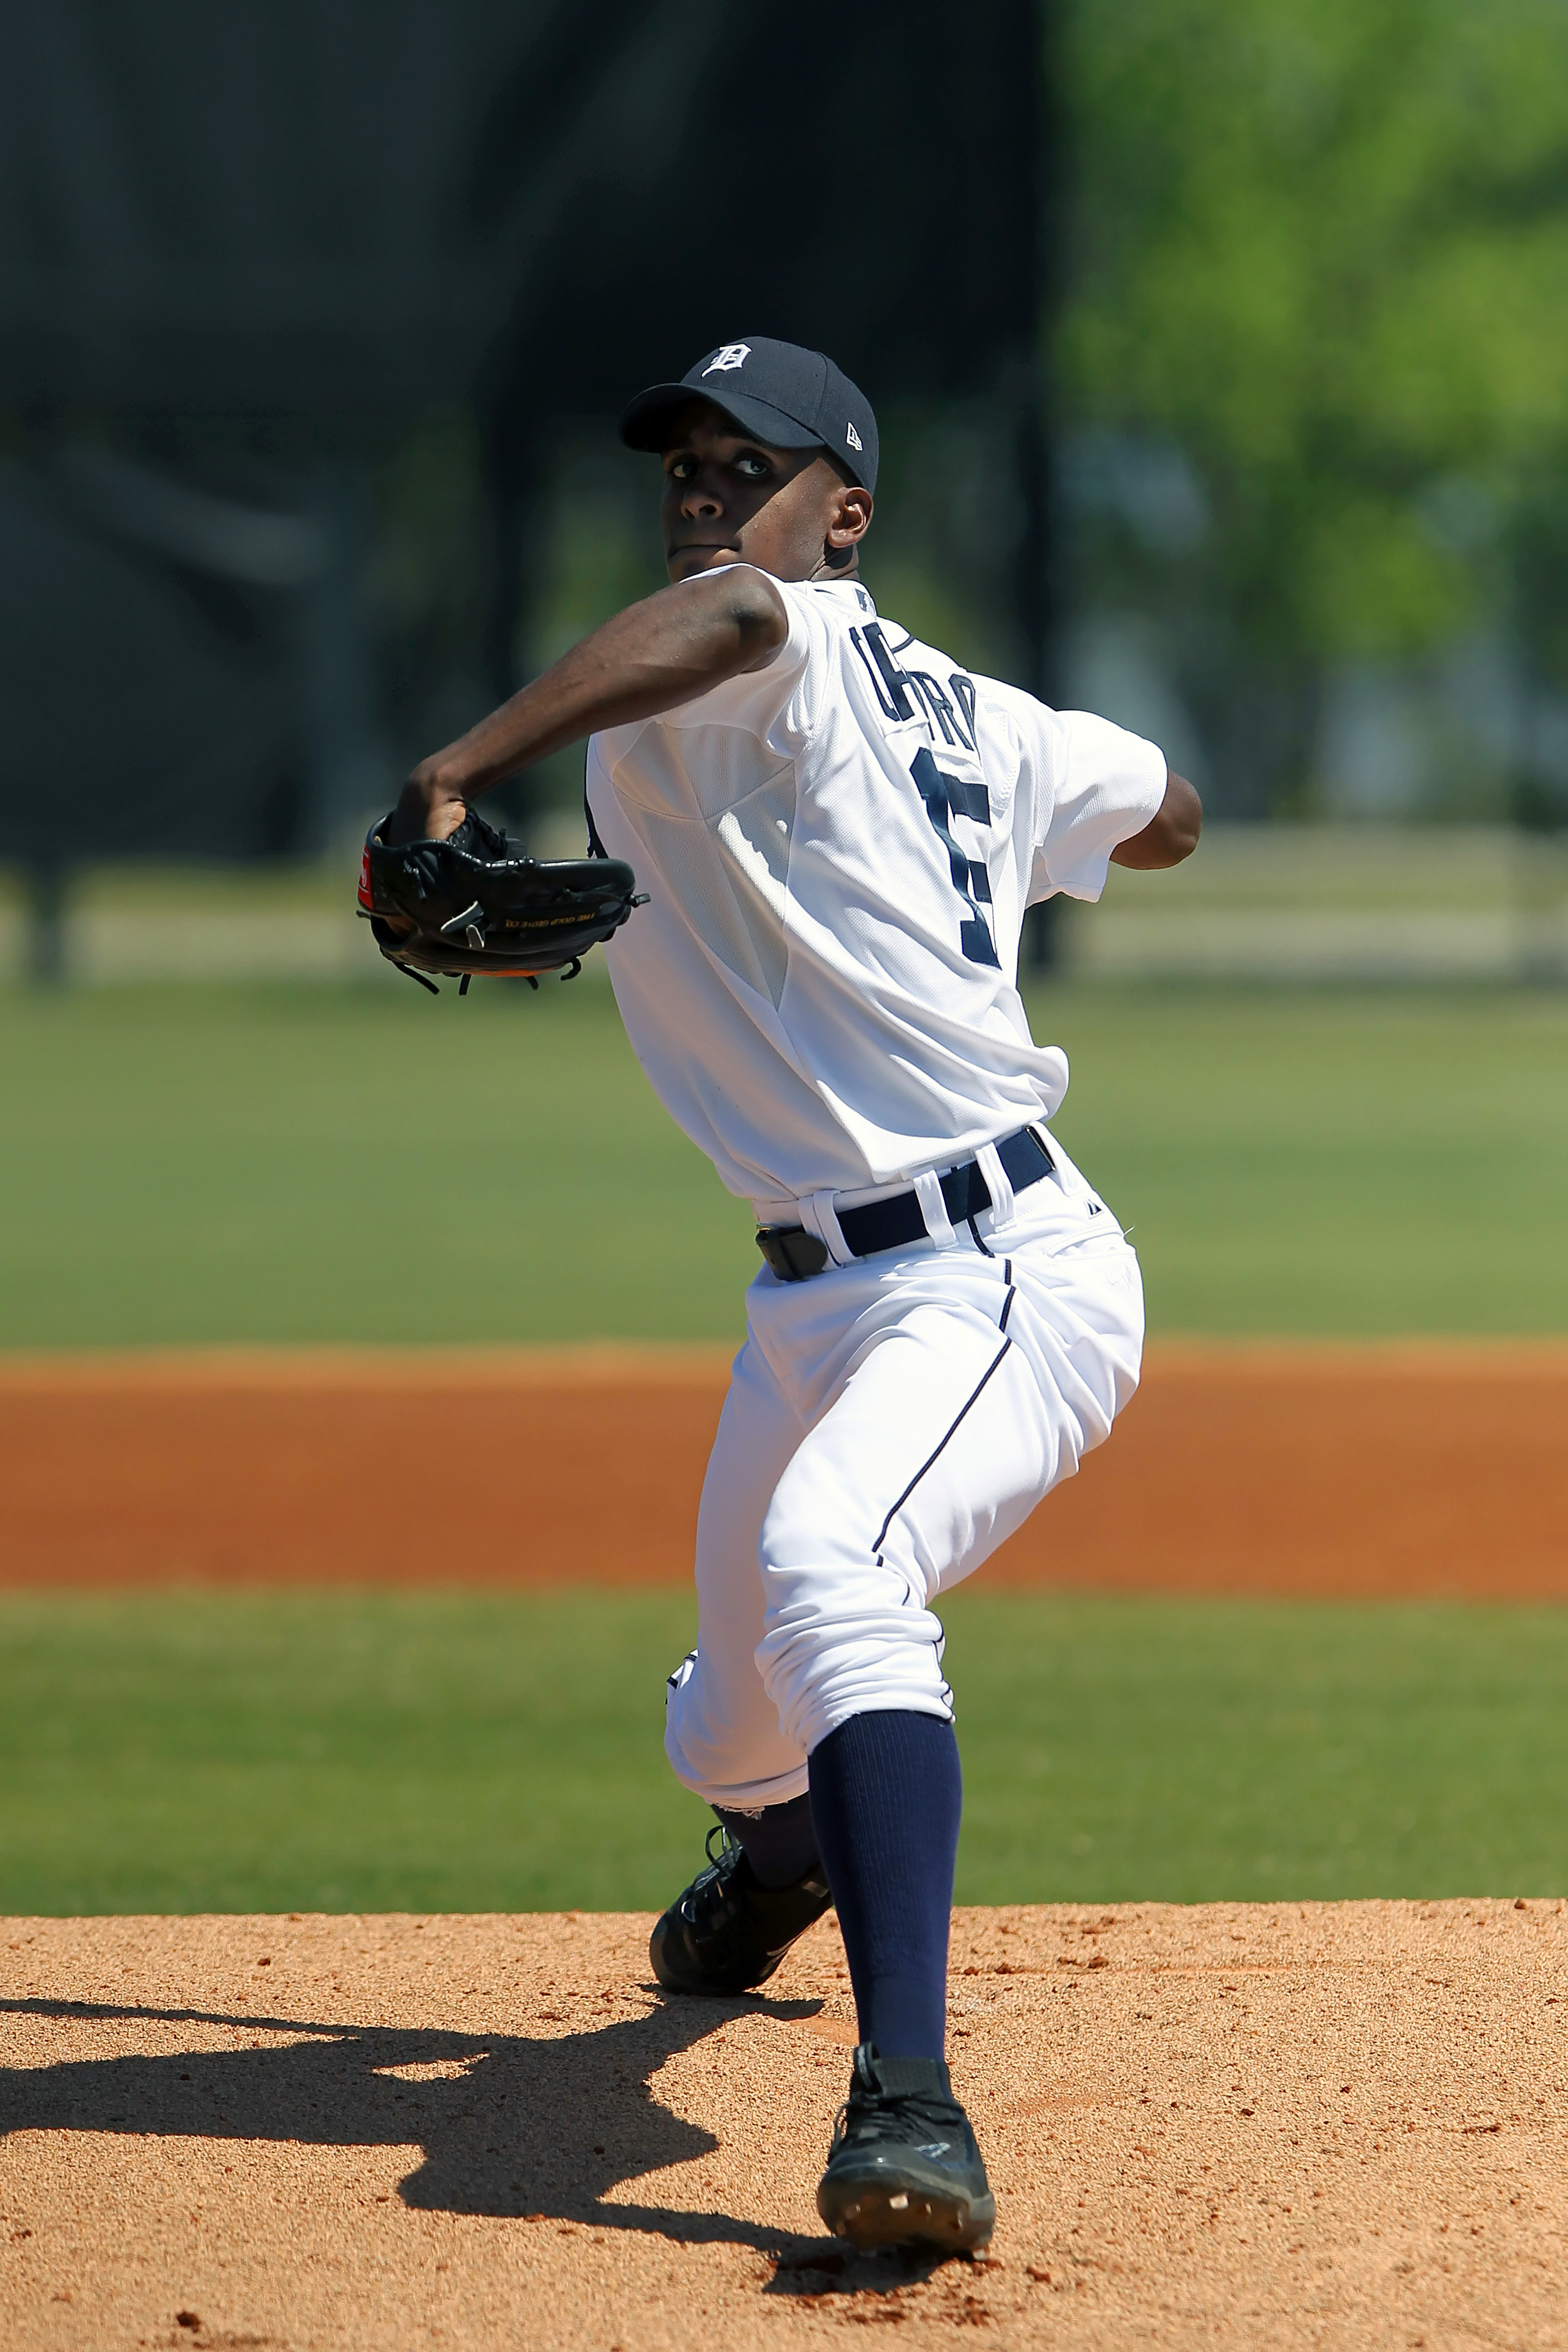 MLB: MAR 18 Spring Training - Braves at Tigers